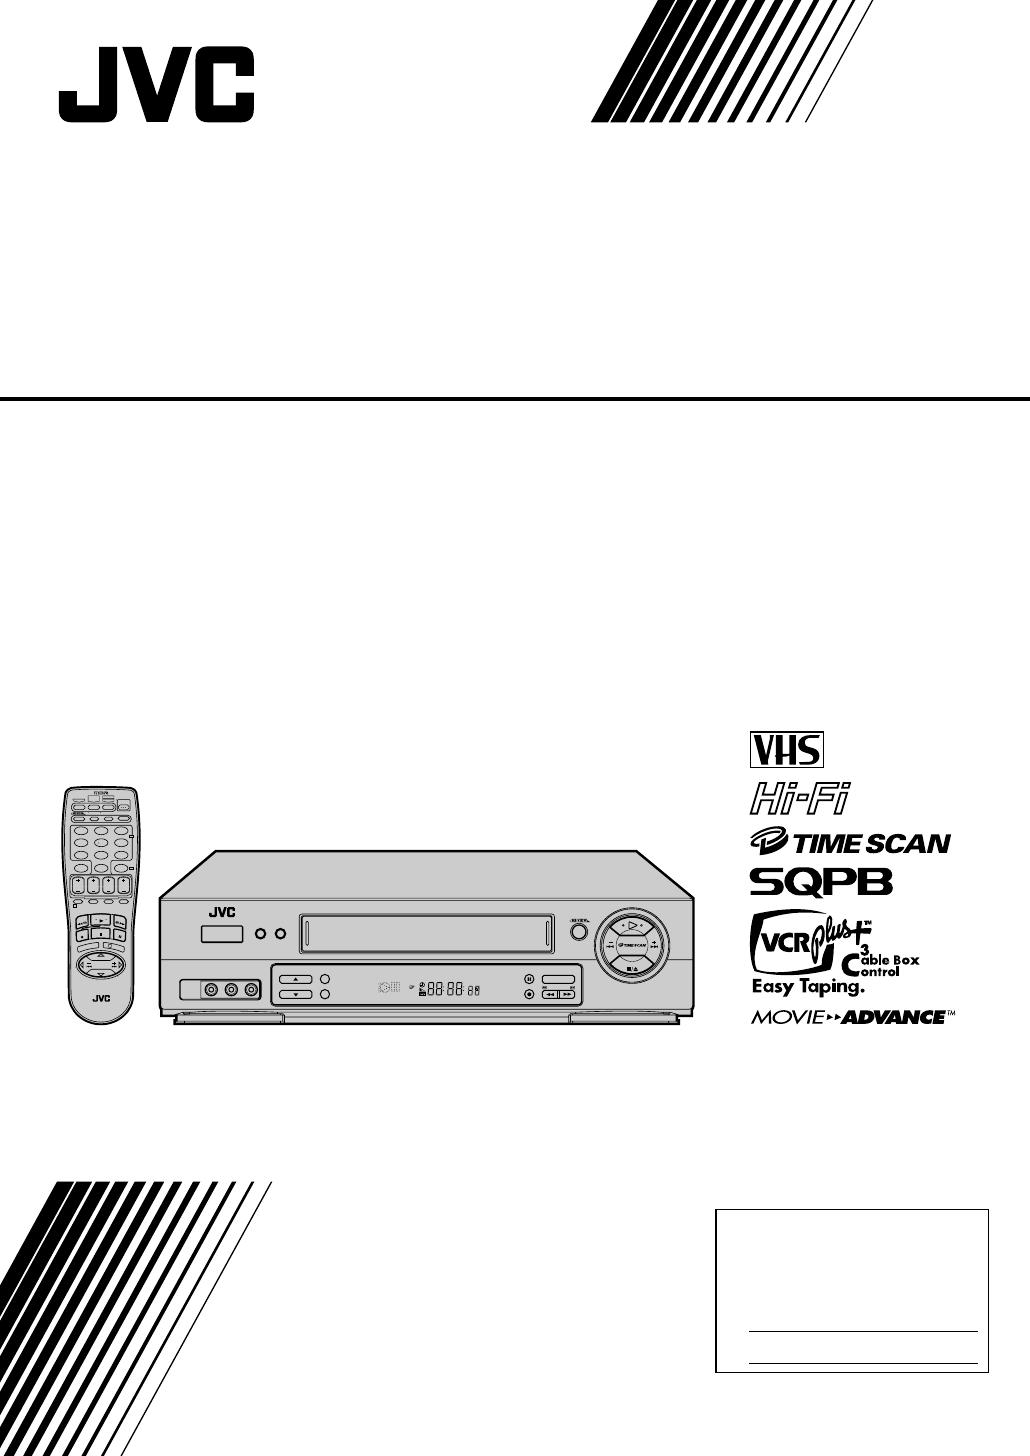 Jvc Vcr Hr Dd750u User Guide